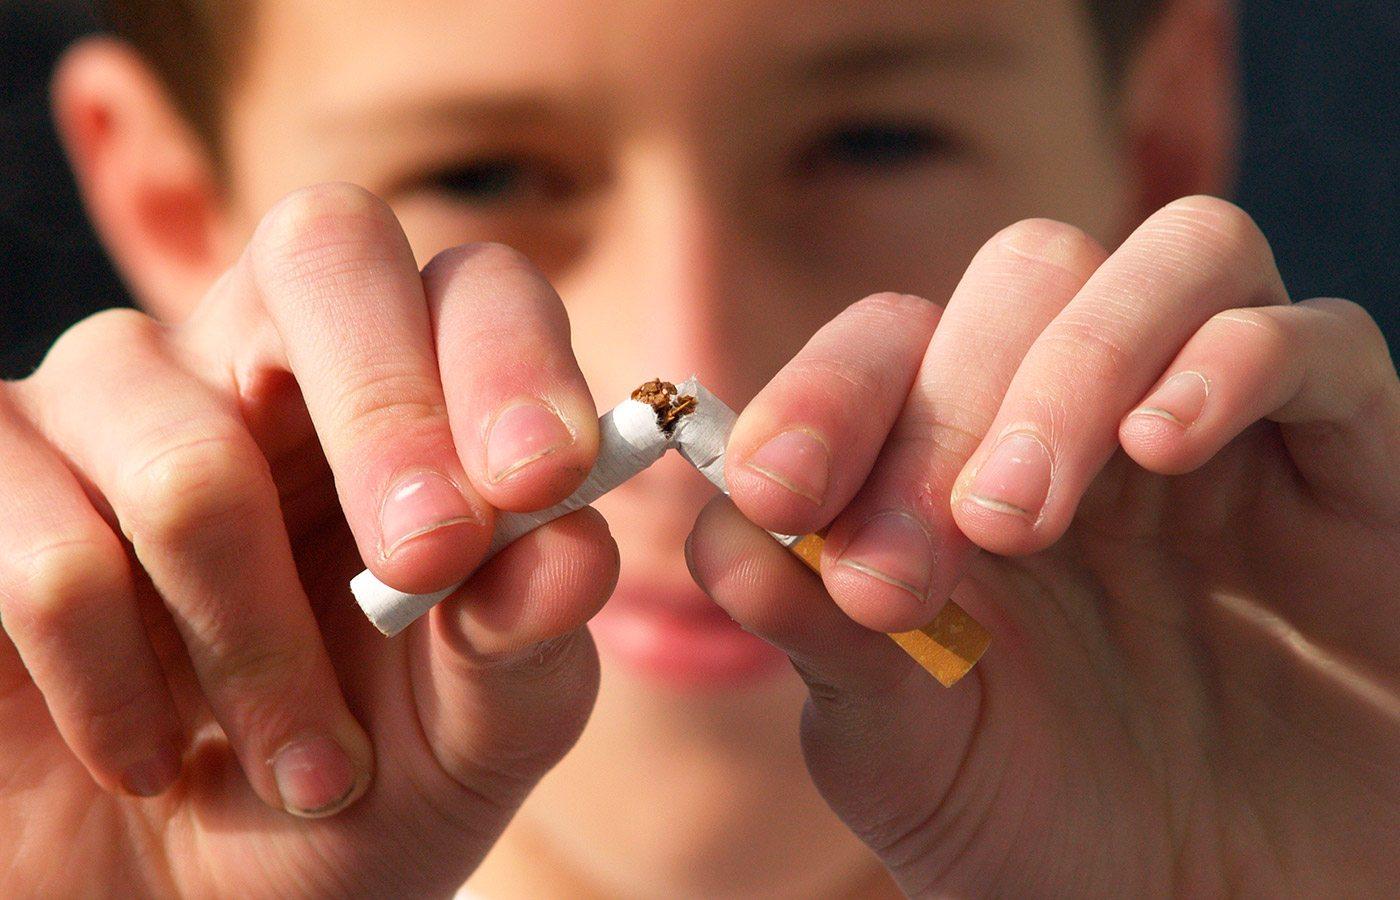 Na h aufhoren mit dem rauchen pms symotome schlimmer